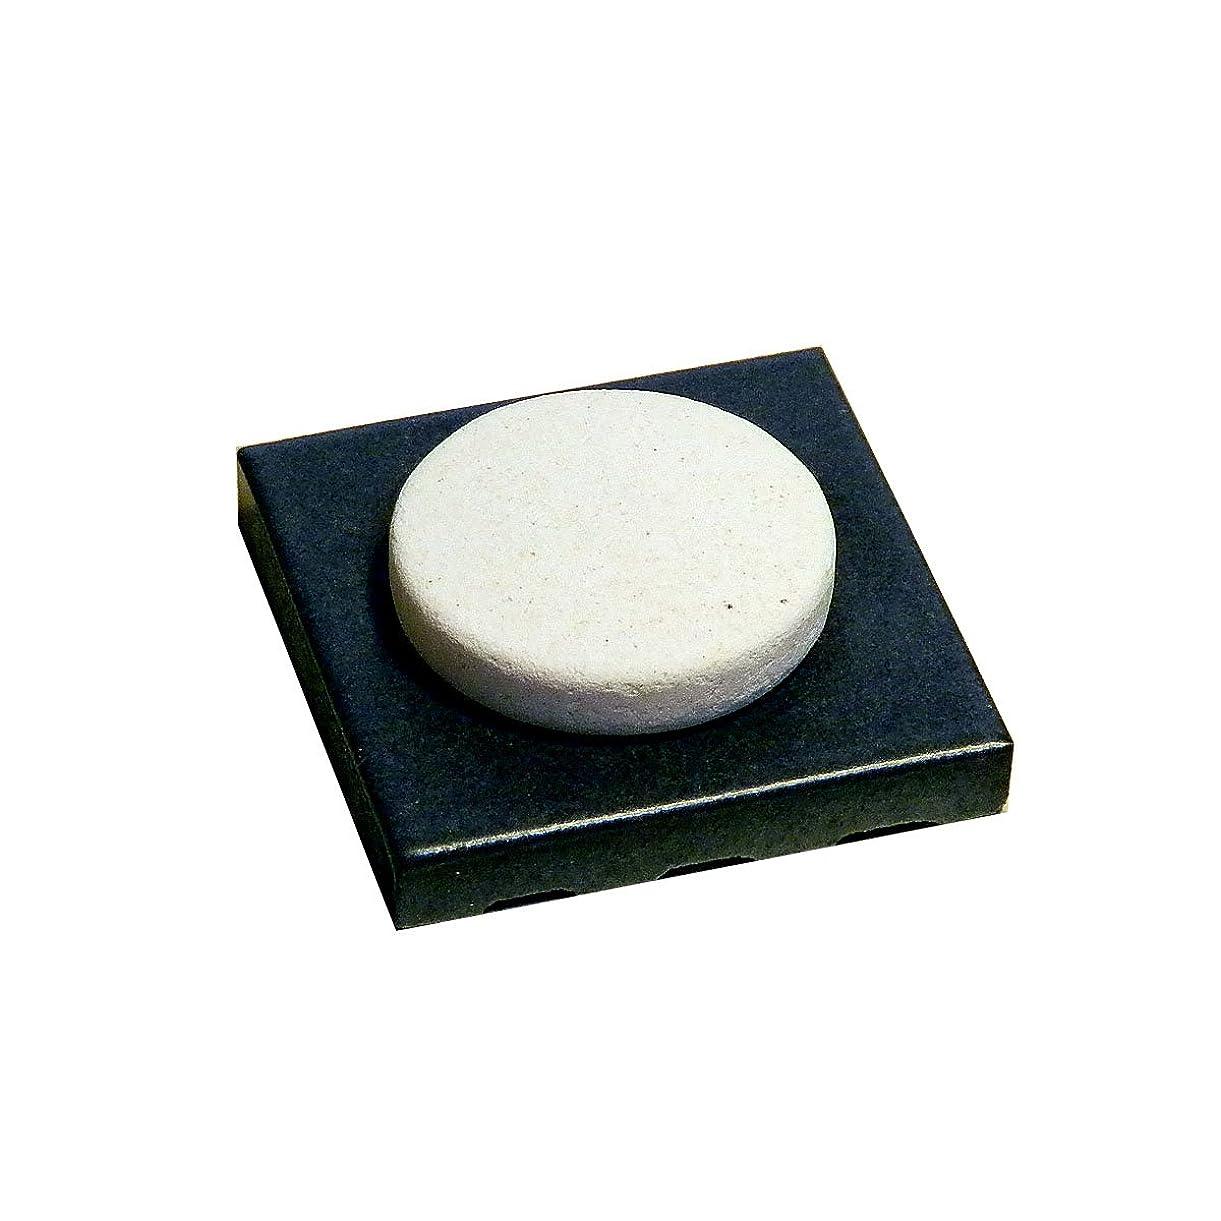 四分円相対性理論バルセロナ〔立風屋〕珪藻土アロマプレート美濃焼タイルセット ブラック(黒) RPAP-01003-BK